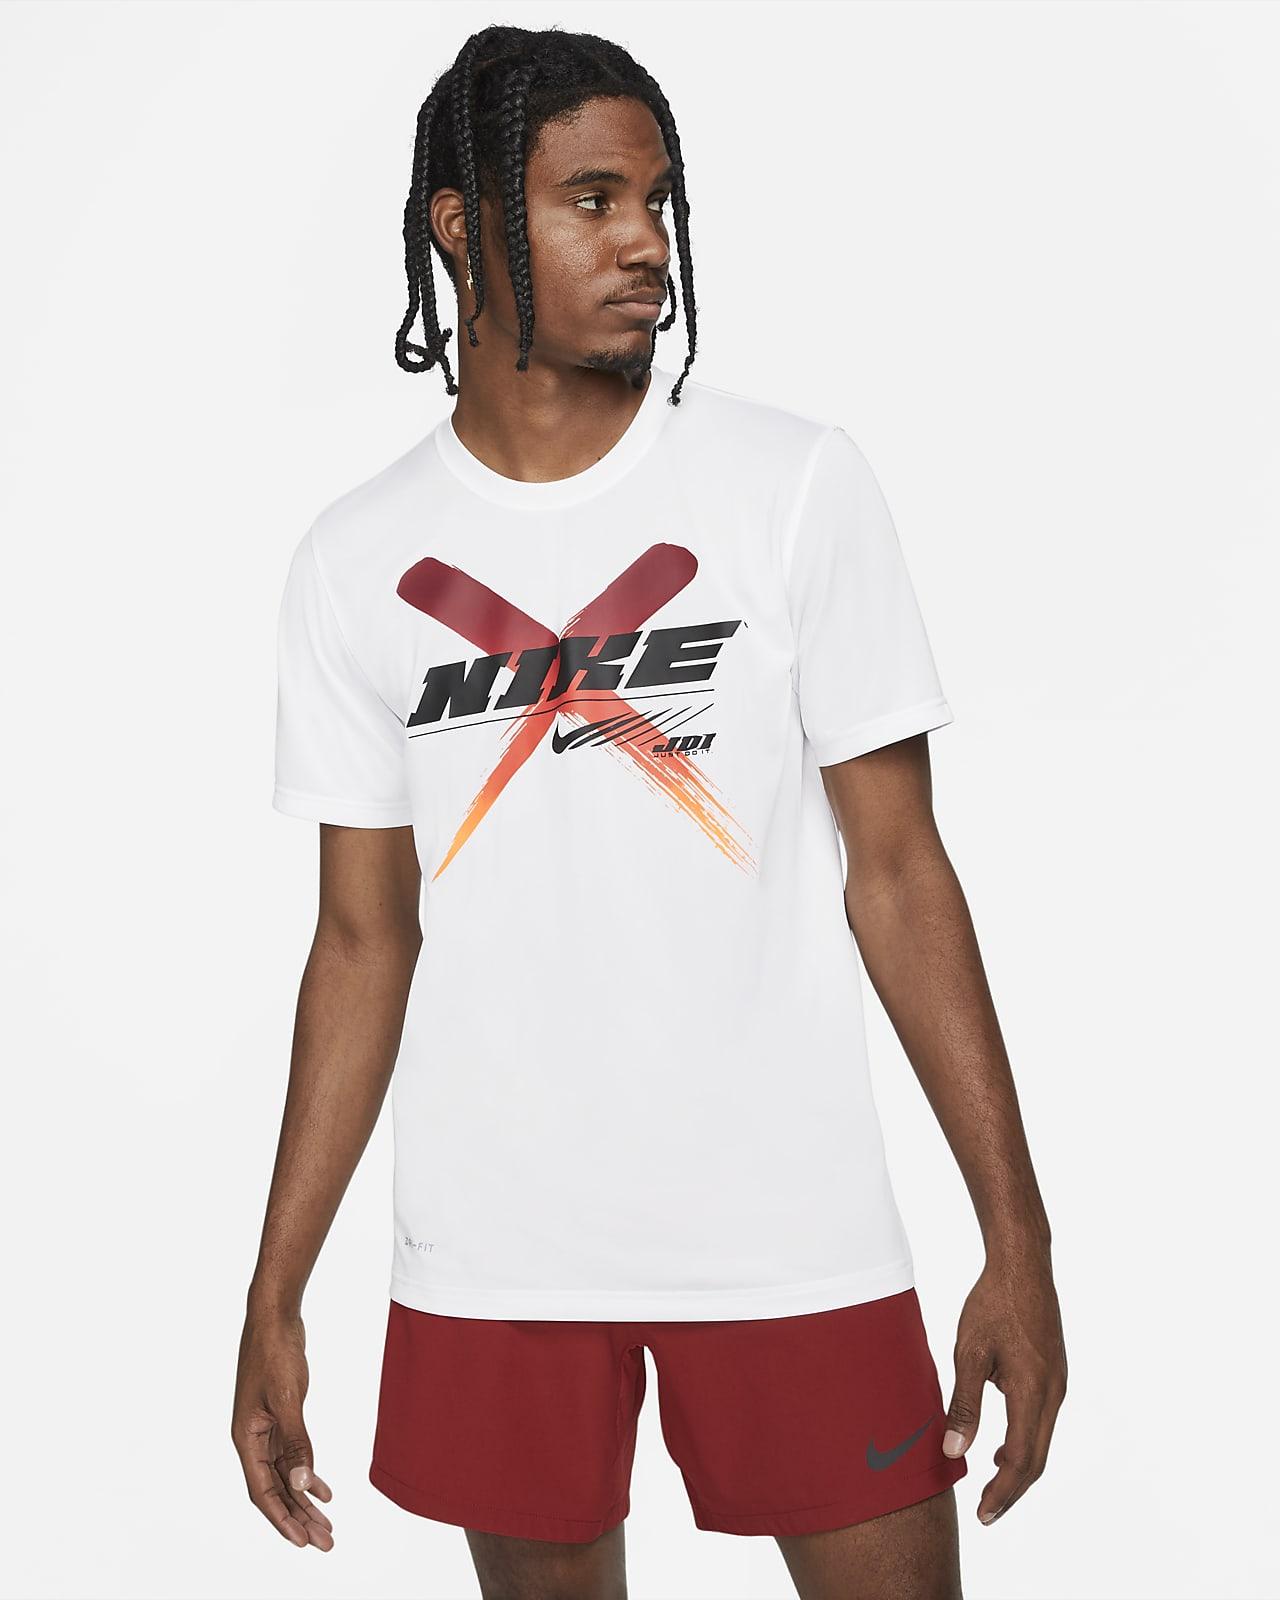 Pánské tréninkové tričko Nike Dri-FIT s grafickým motivem